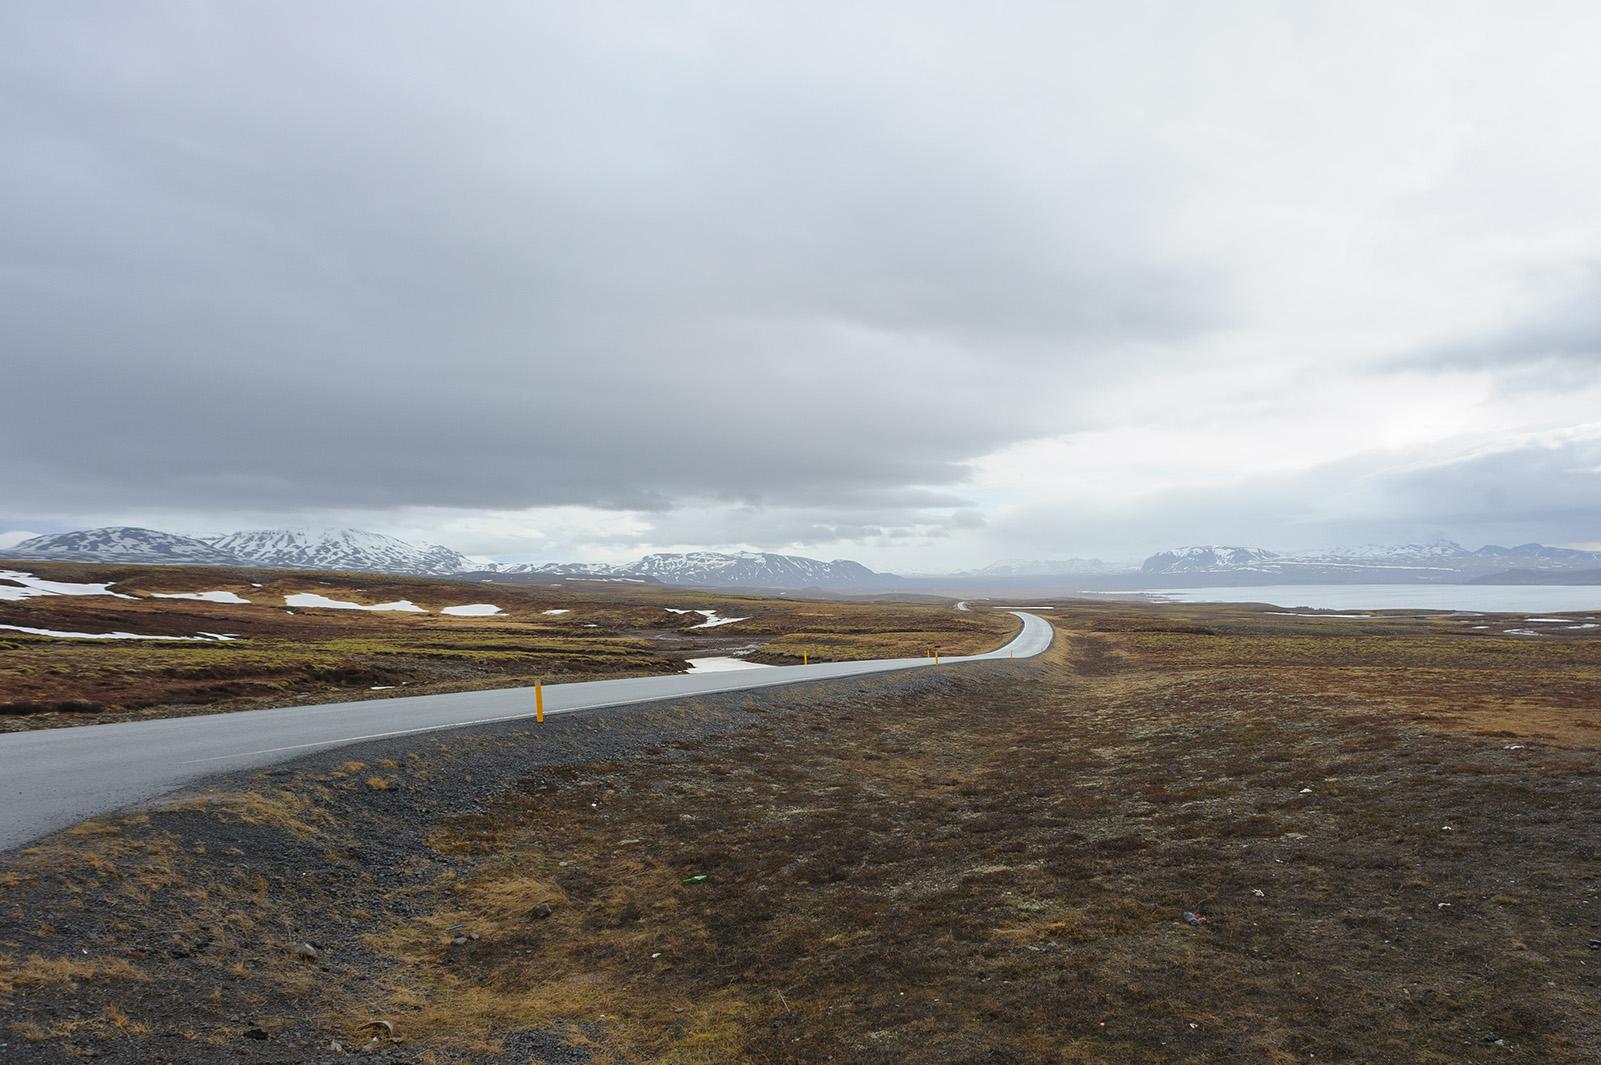 Þjóðvegur 1 или Окружная дорога - главная транспортная артерия Исландии. Такой туристический маршрут длиной в 1339км.